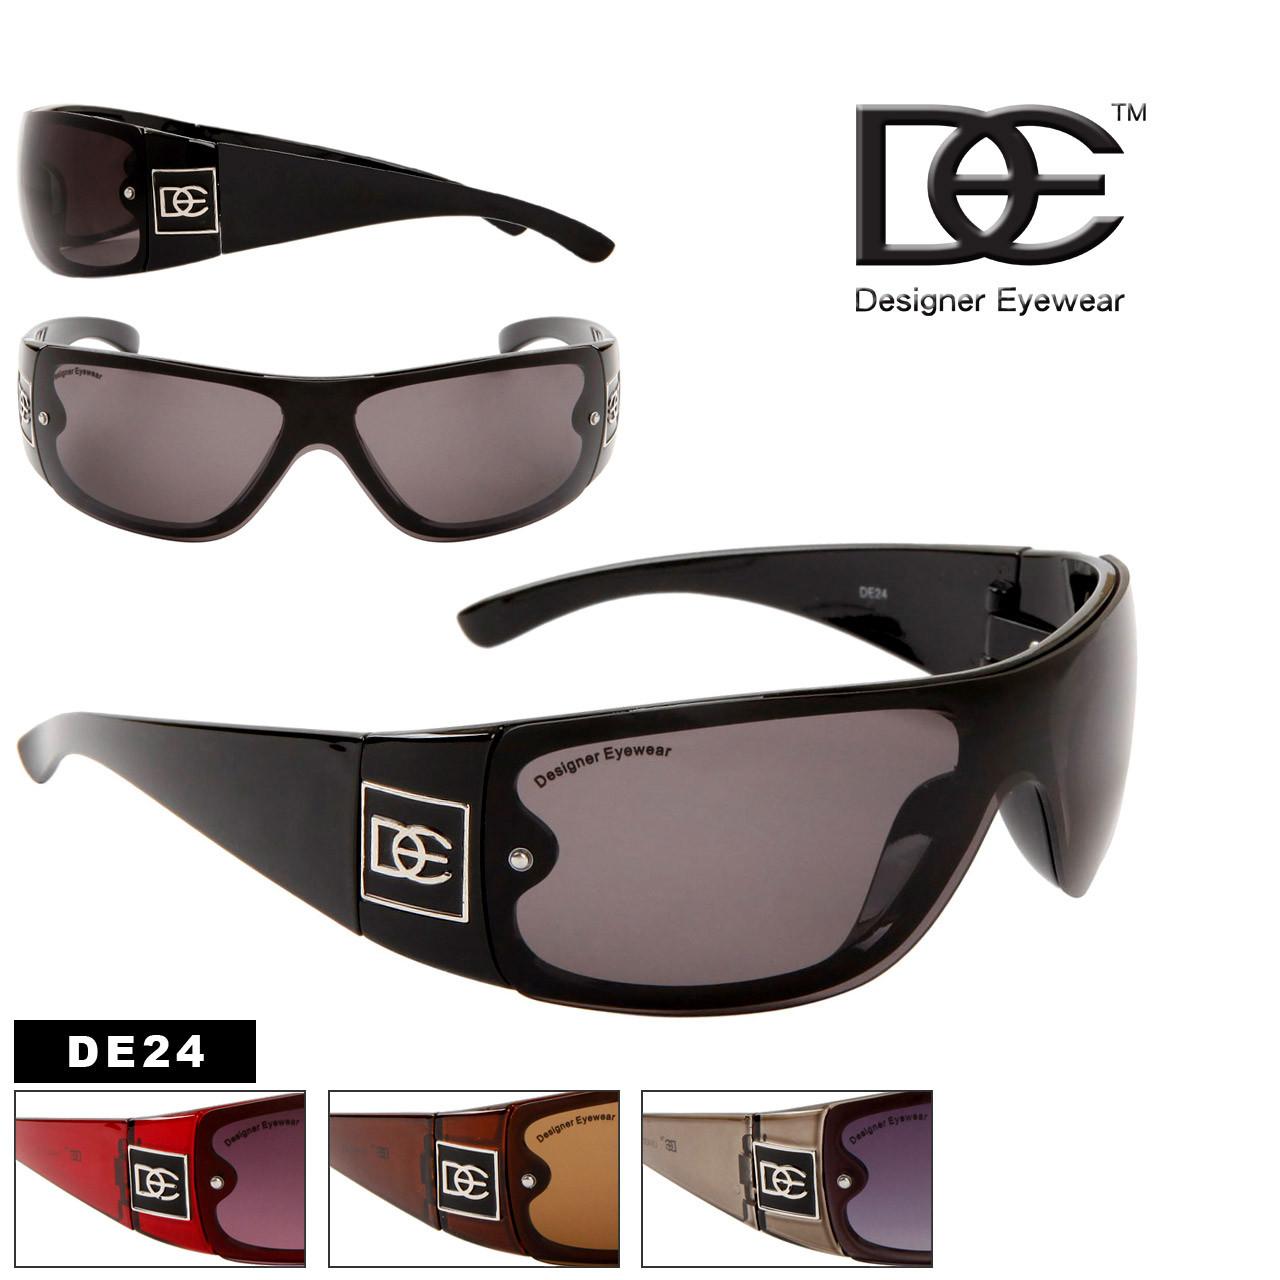 DE24 Fashion Sunglasses